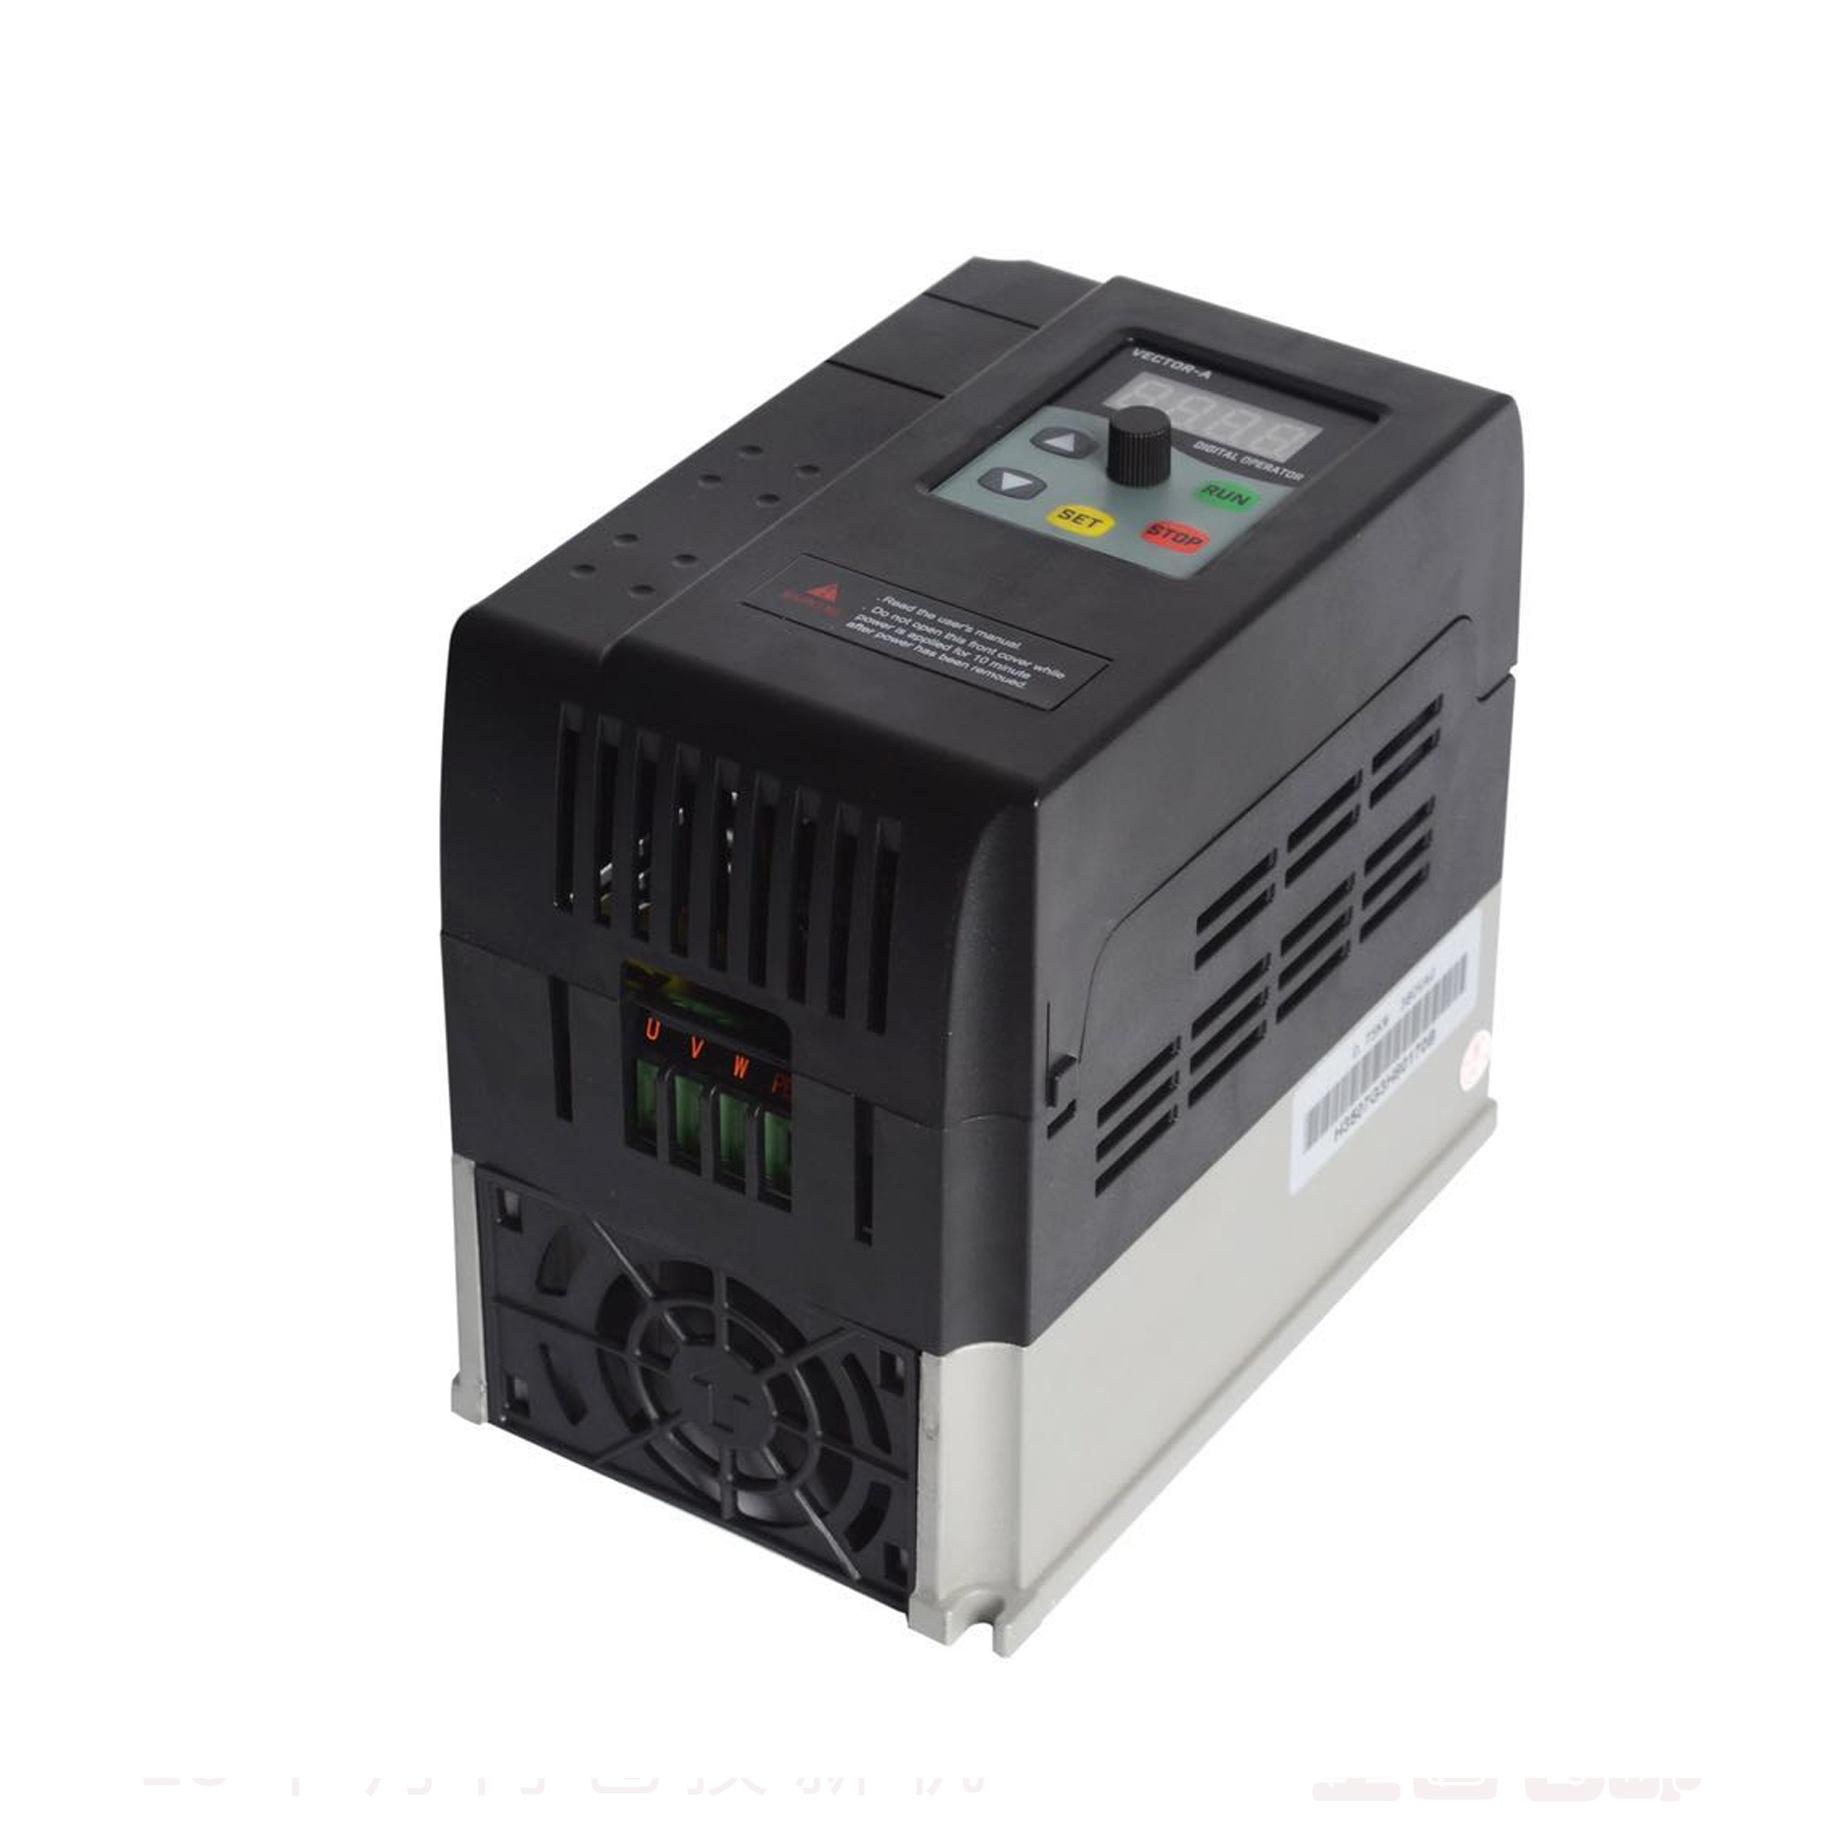 Bộ chuyển đổi tần số động cơ quạt 380V1.5KW máy bơm nước .